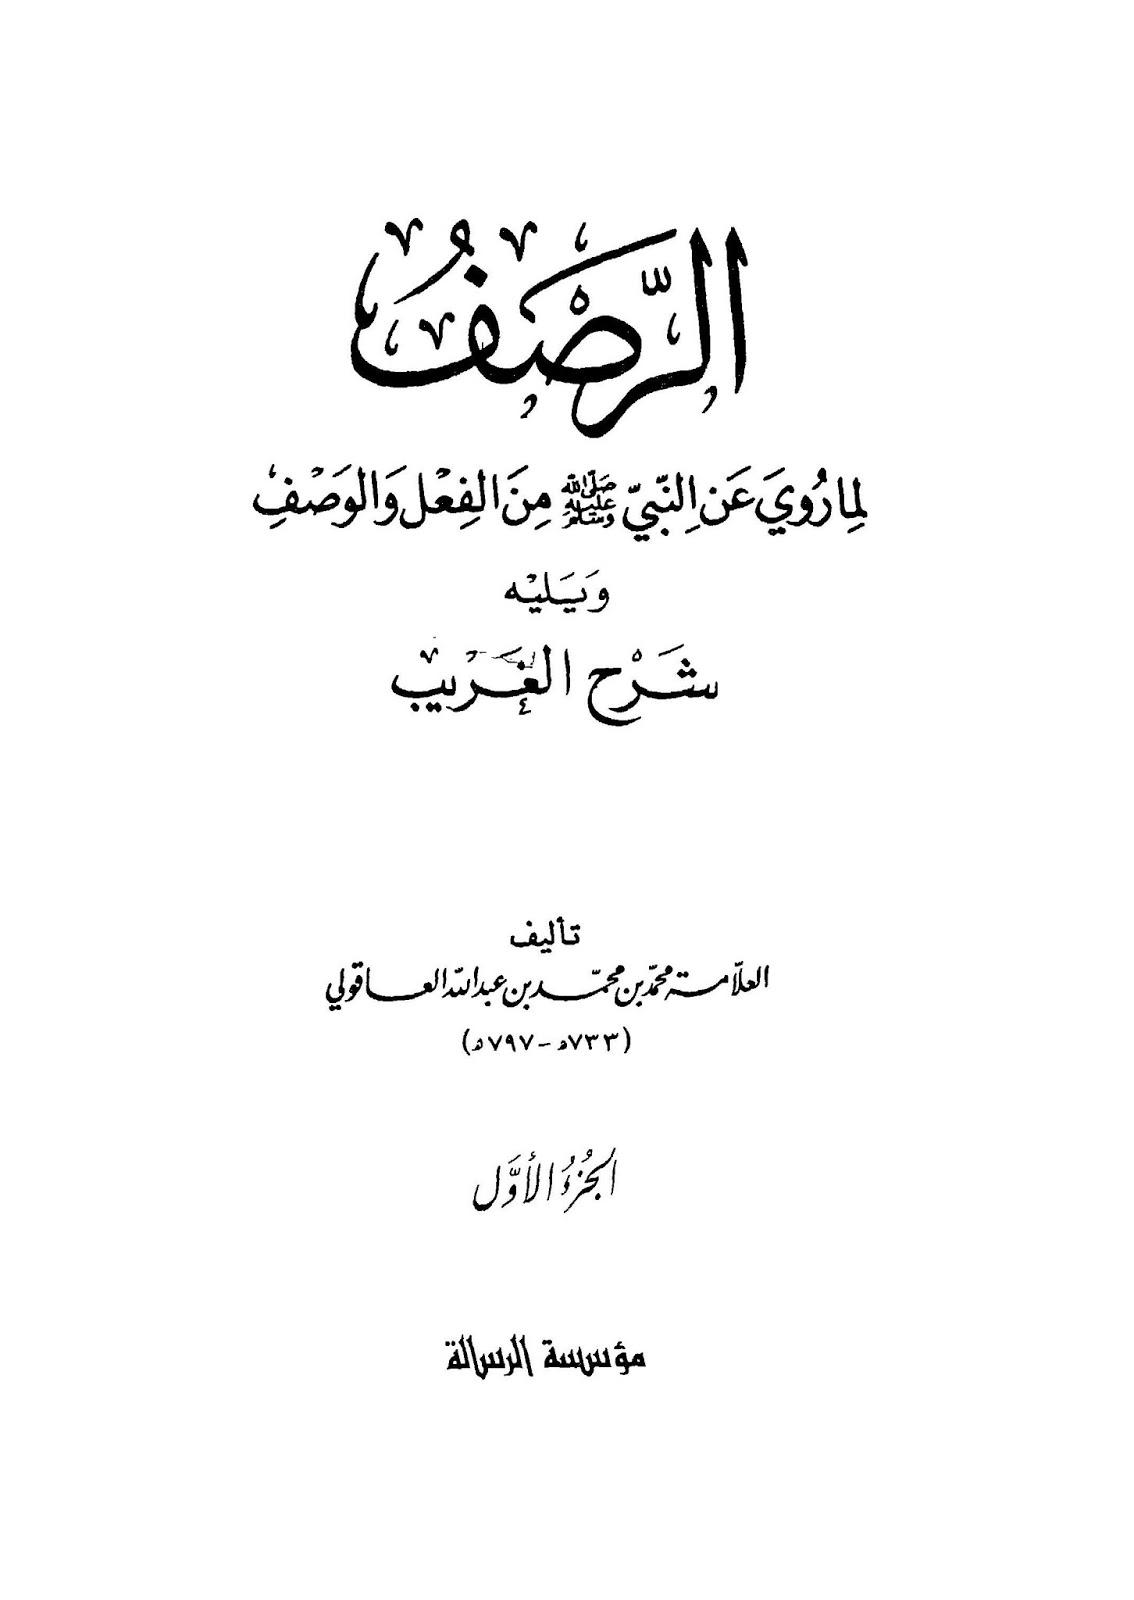 الرصف لما روي عن النبي من الفعل والوصف ويليه شرح الغريب - للإمام العاقولي pdf